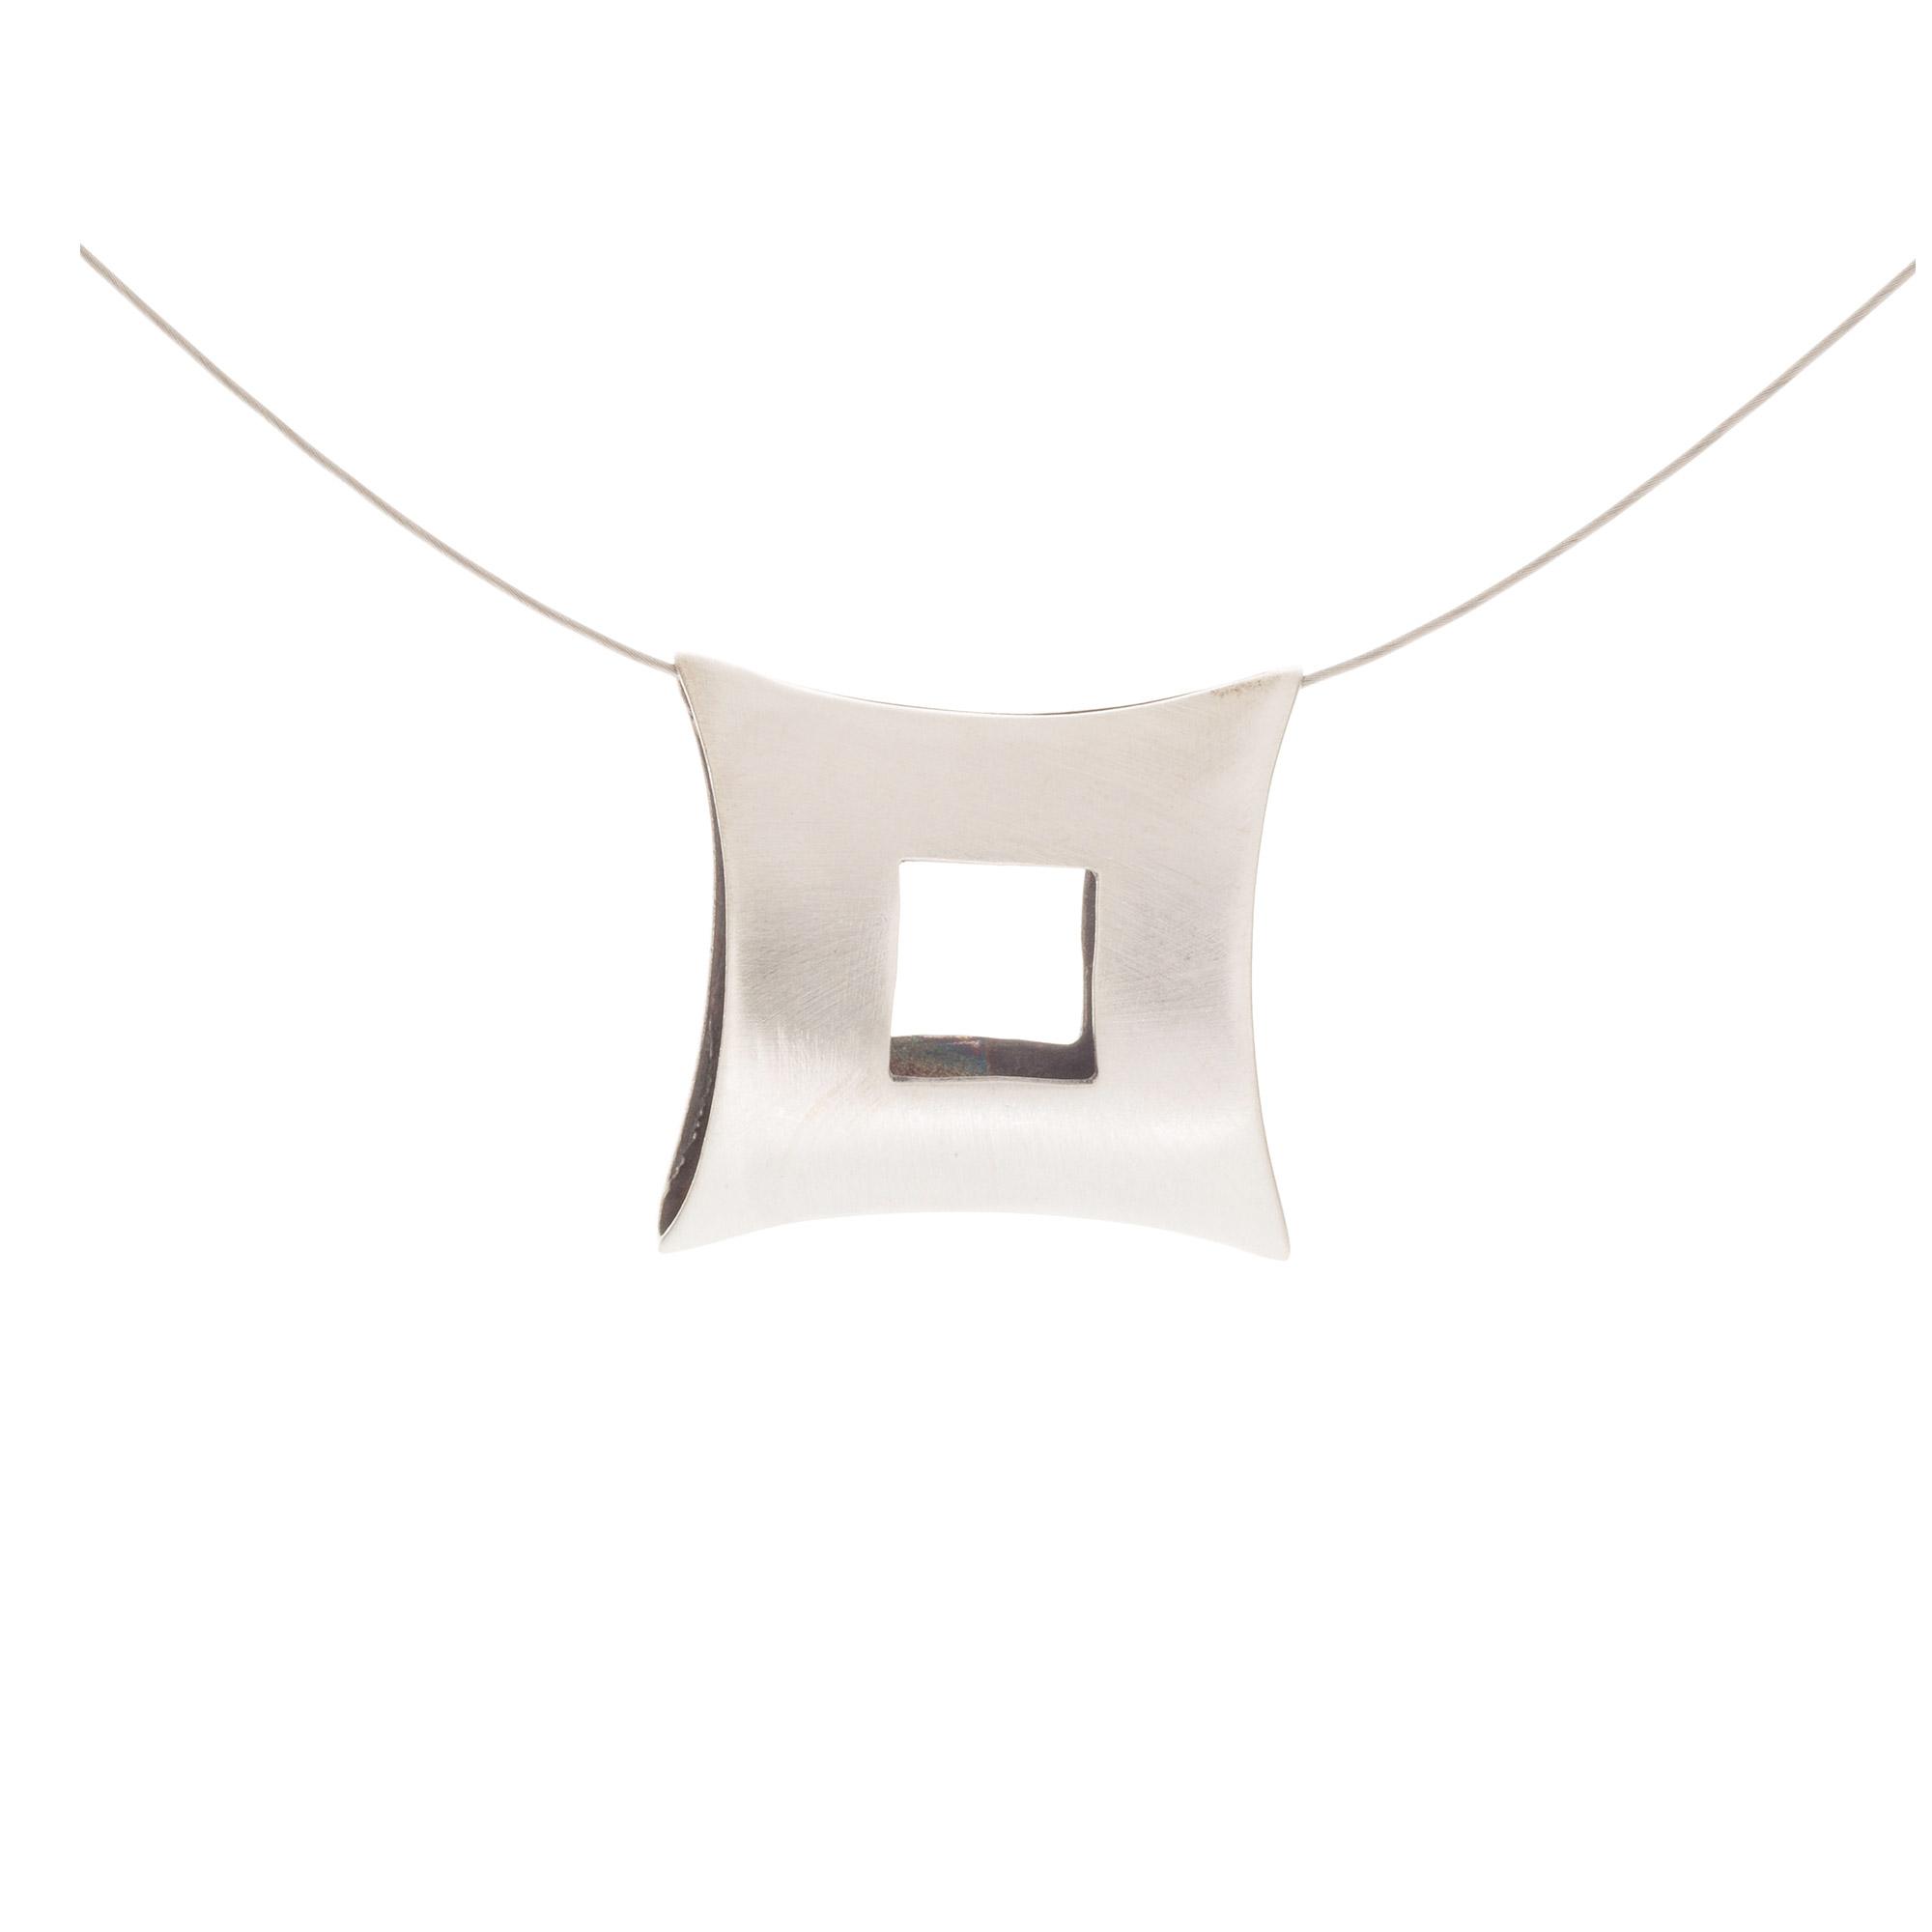 Colgante hecho a mano en plata, oxidado y acabado en mate. Cadena de acero cubierta con una capa de nylon, cierre de plata.